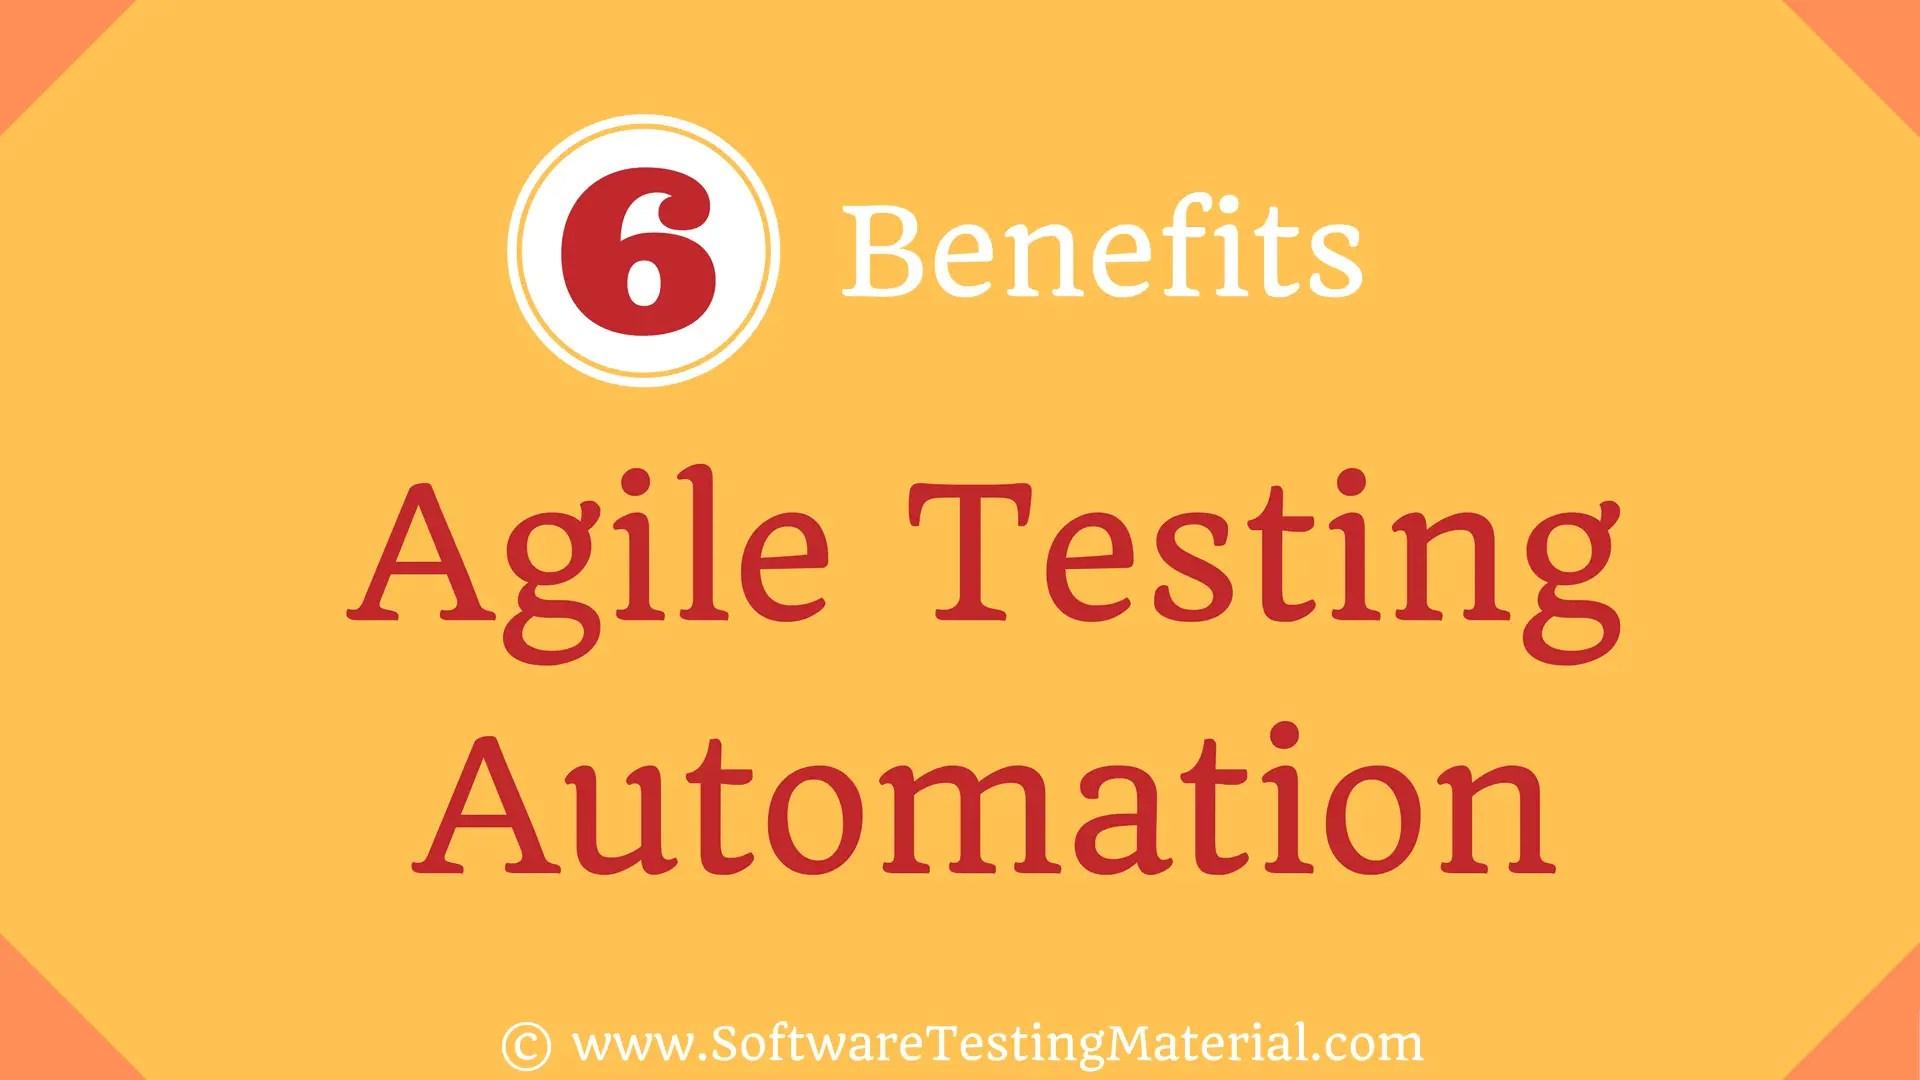 Agile Testing Automation